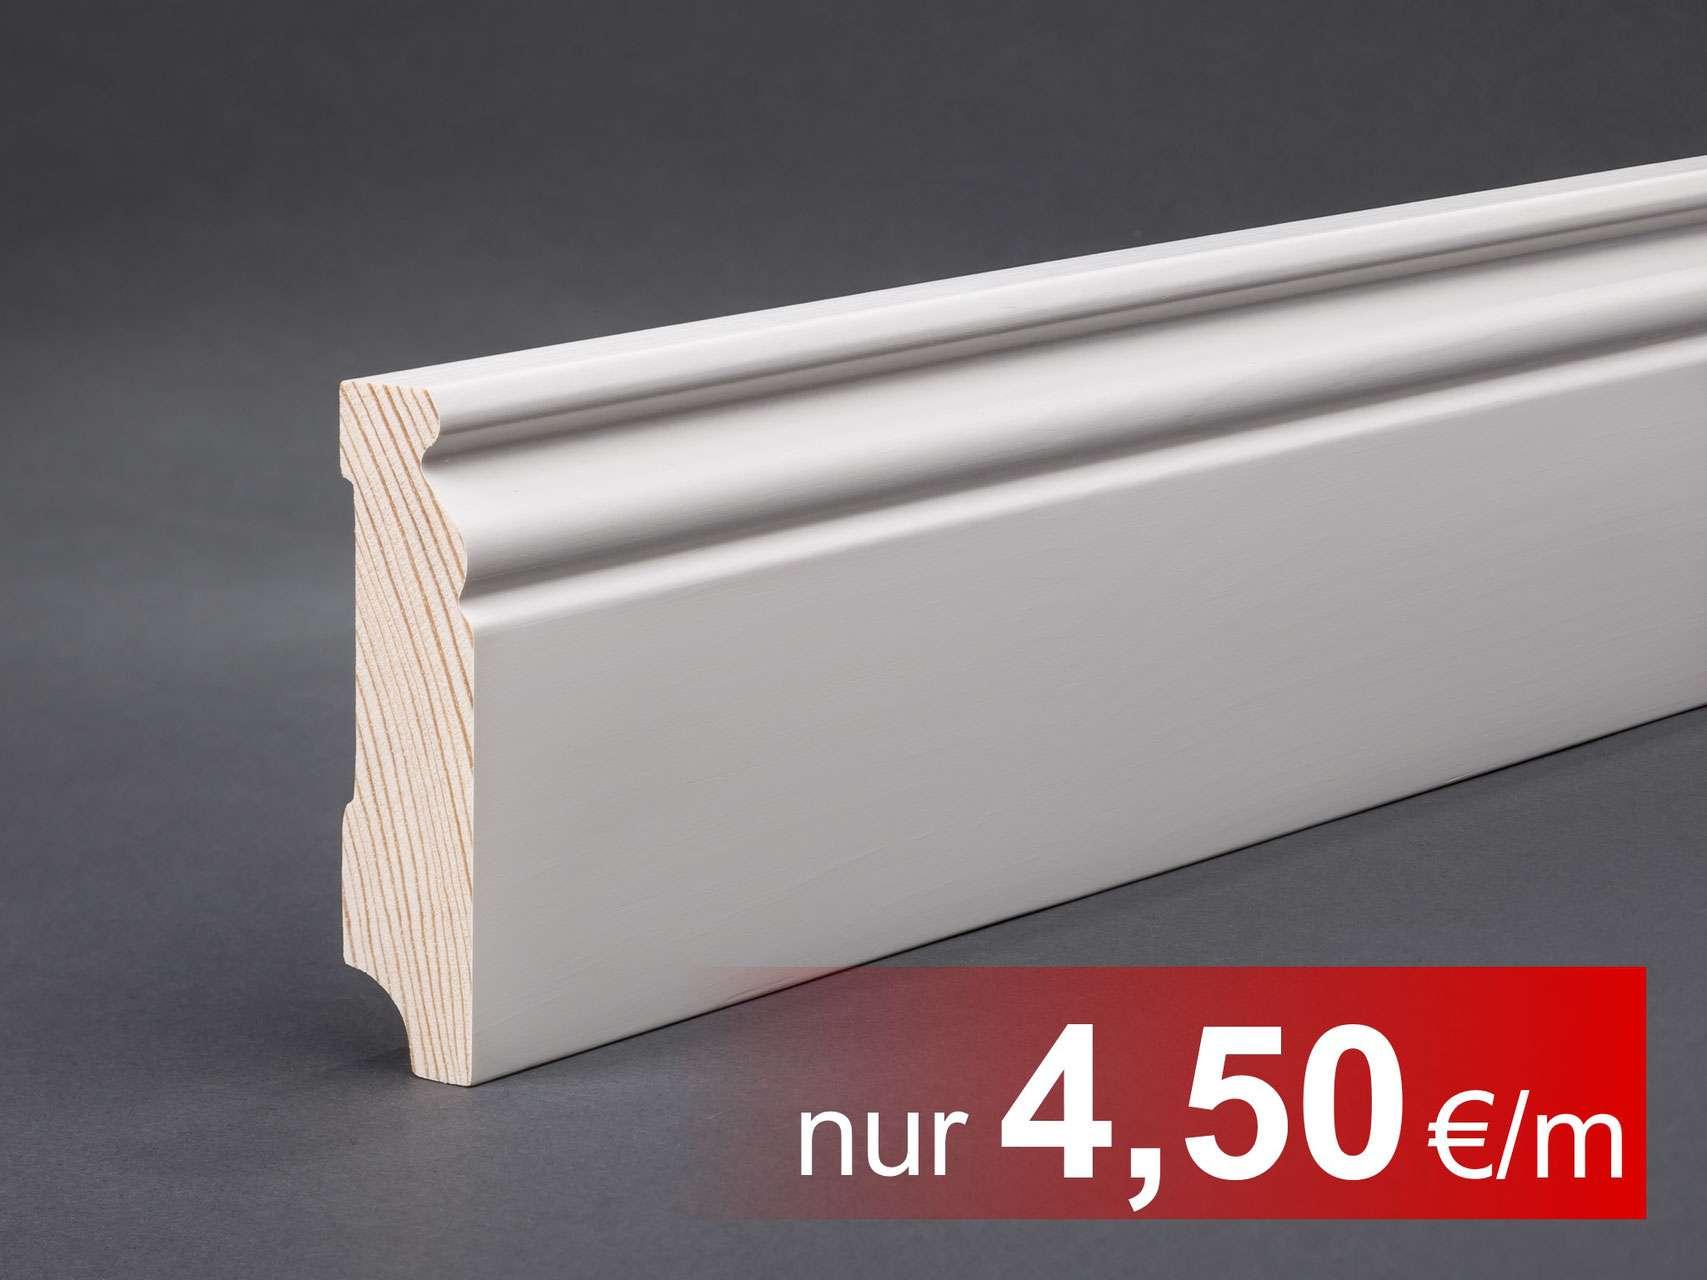 massivholz weiß lackiert 80x19 mm berliner-/hamburger profil